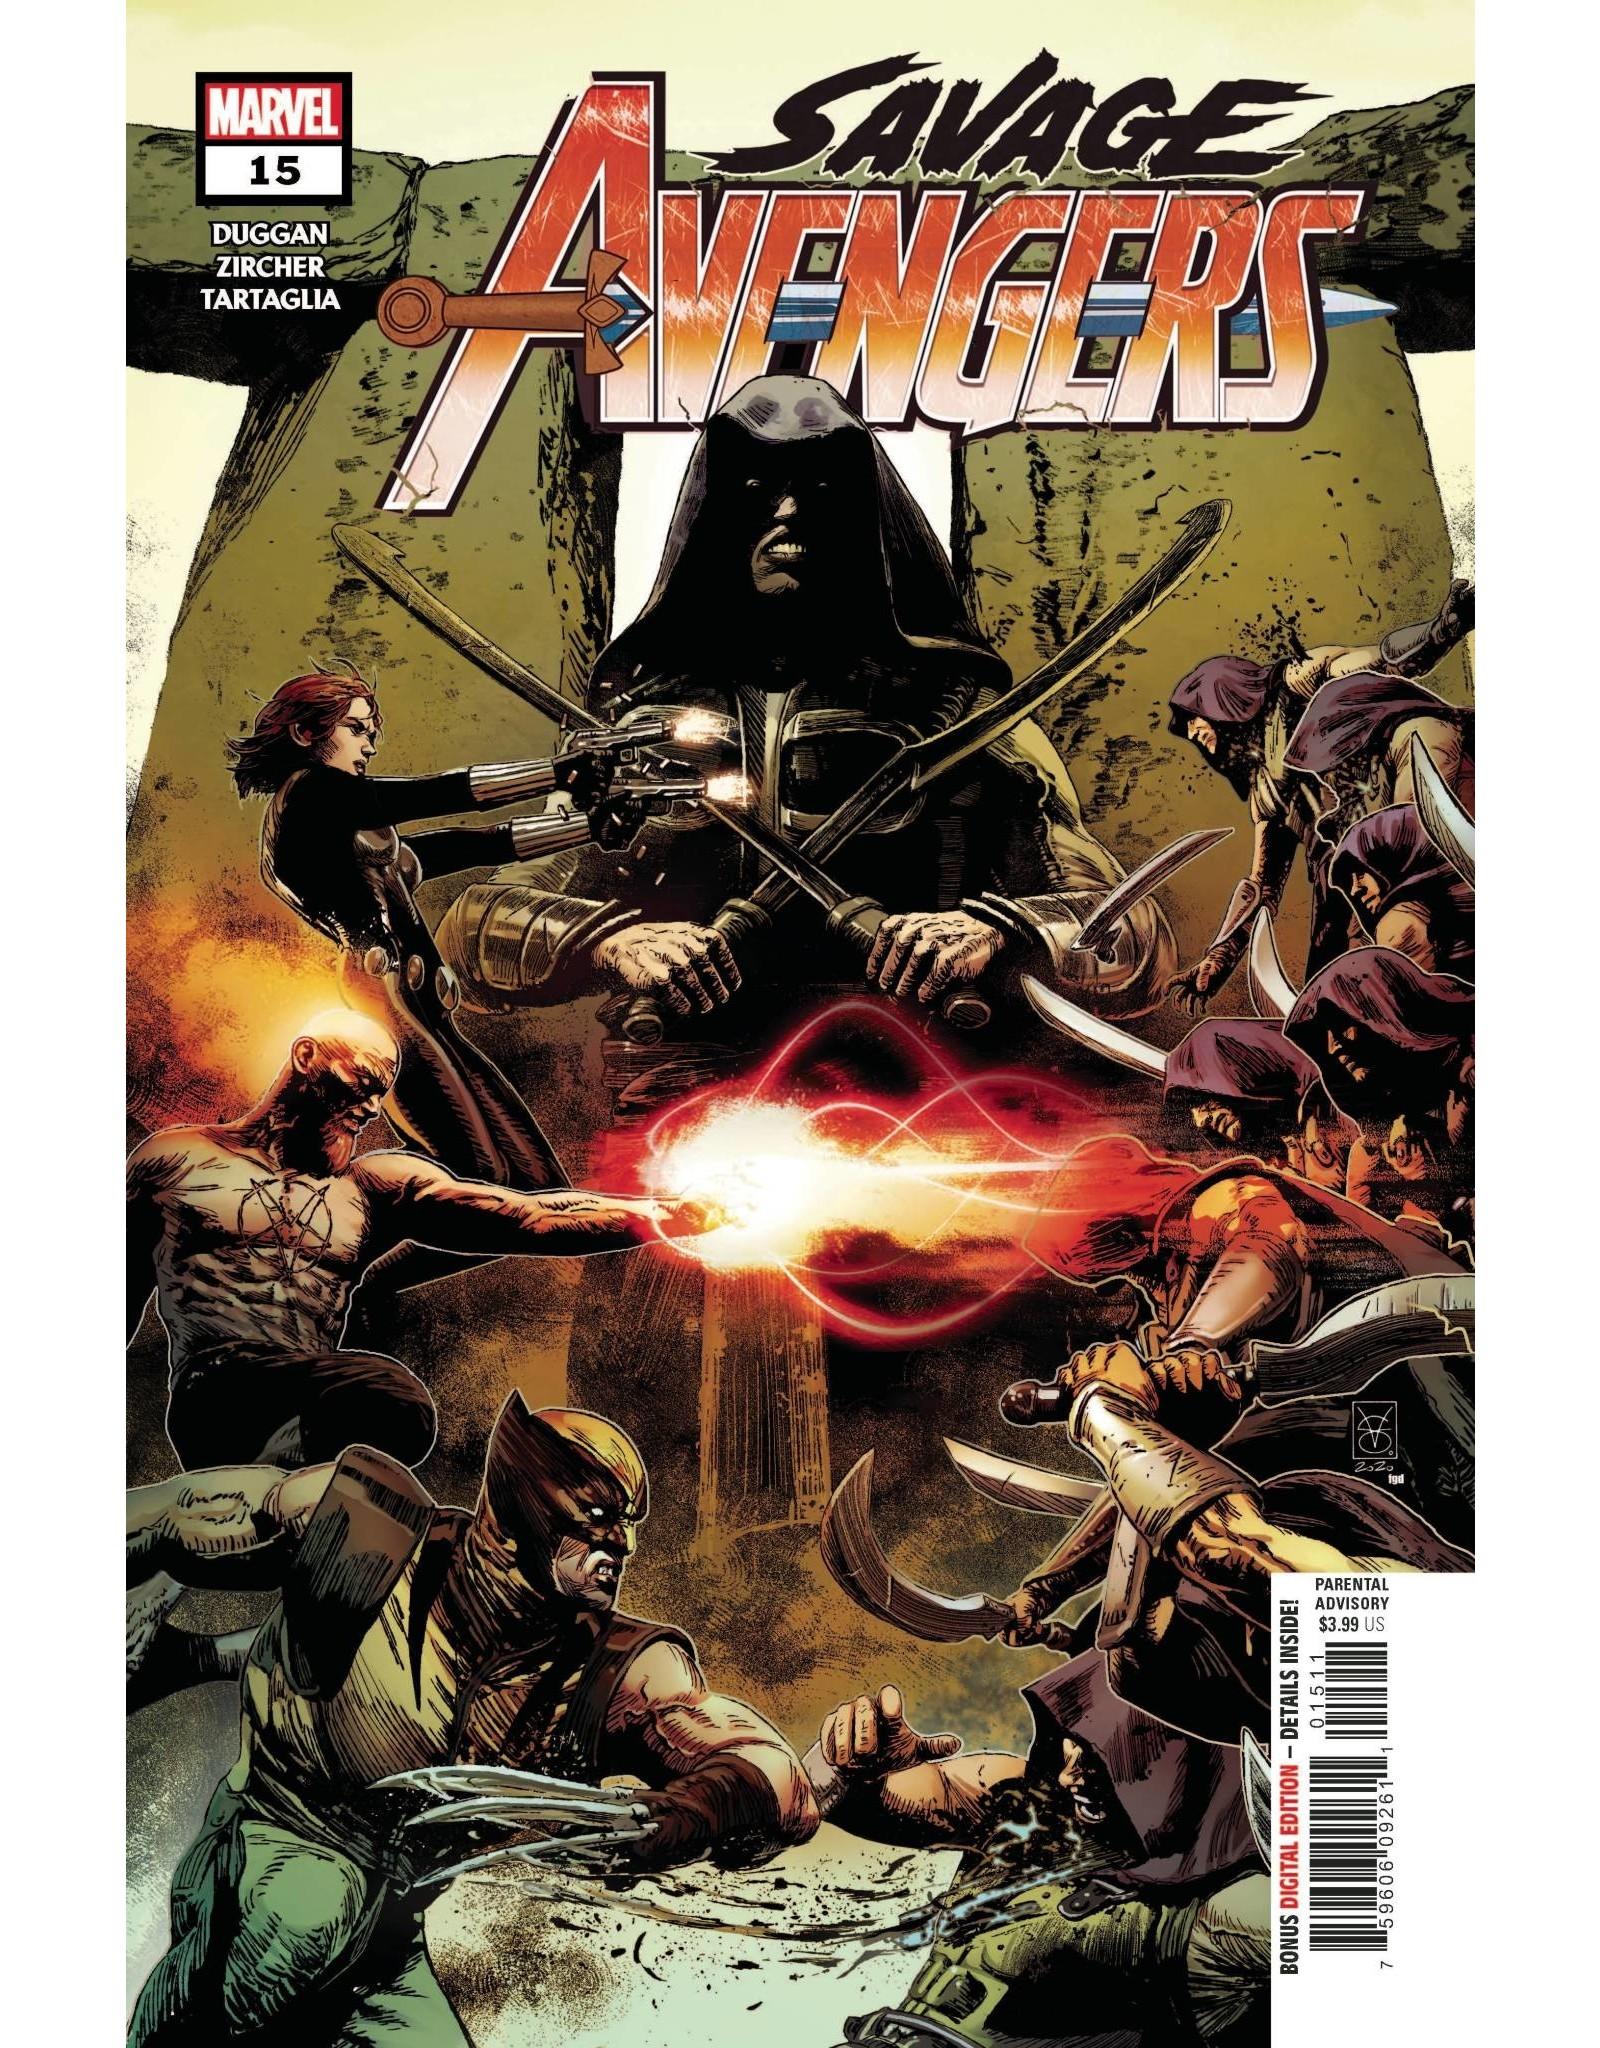 Marvel Comics SAVAGE AVENGERS #15